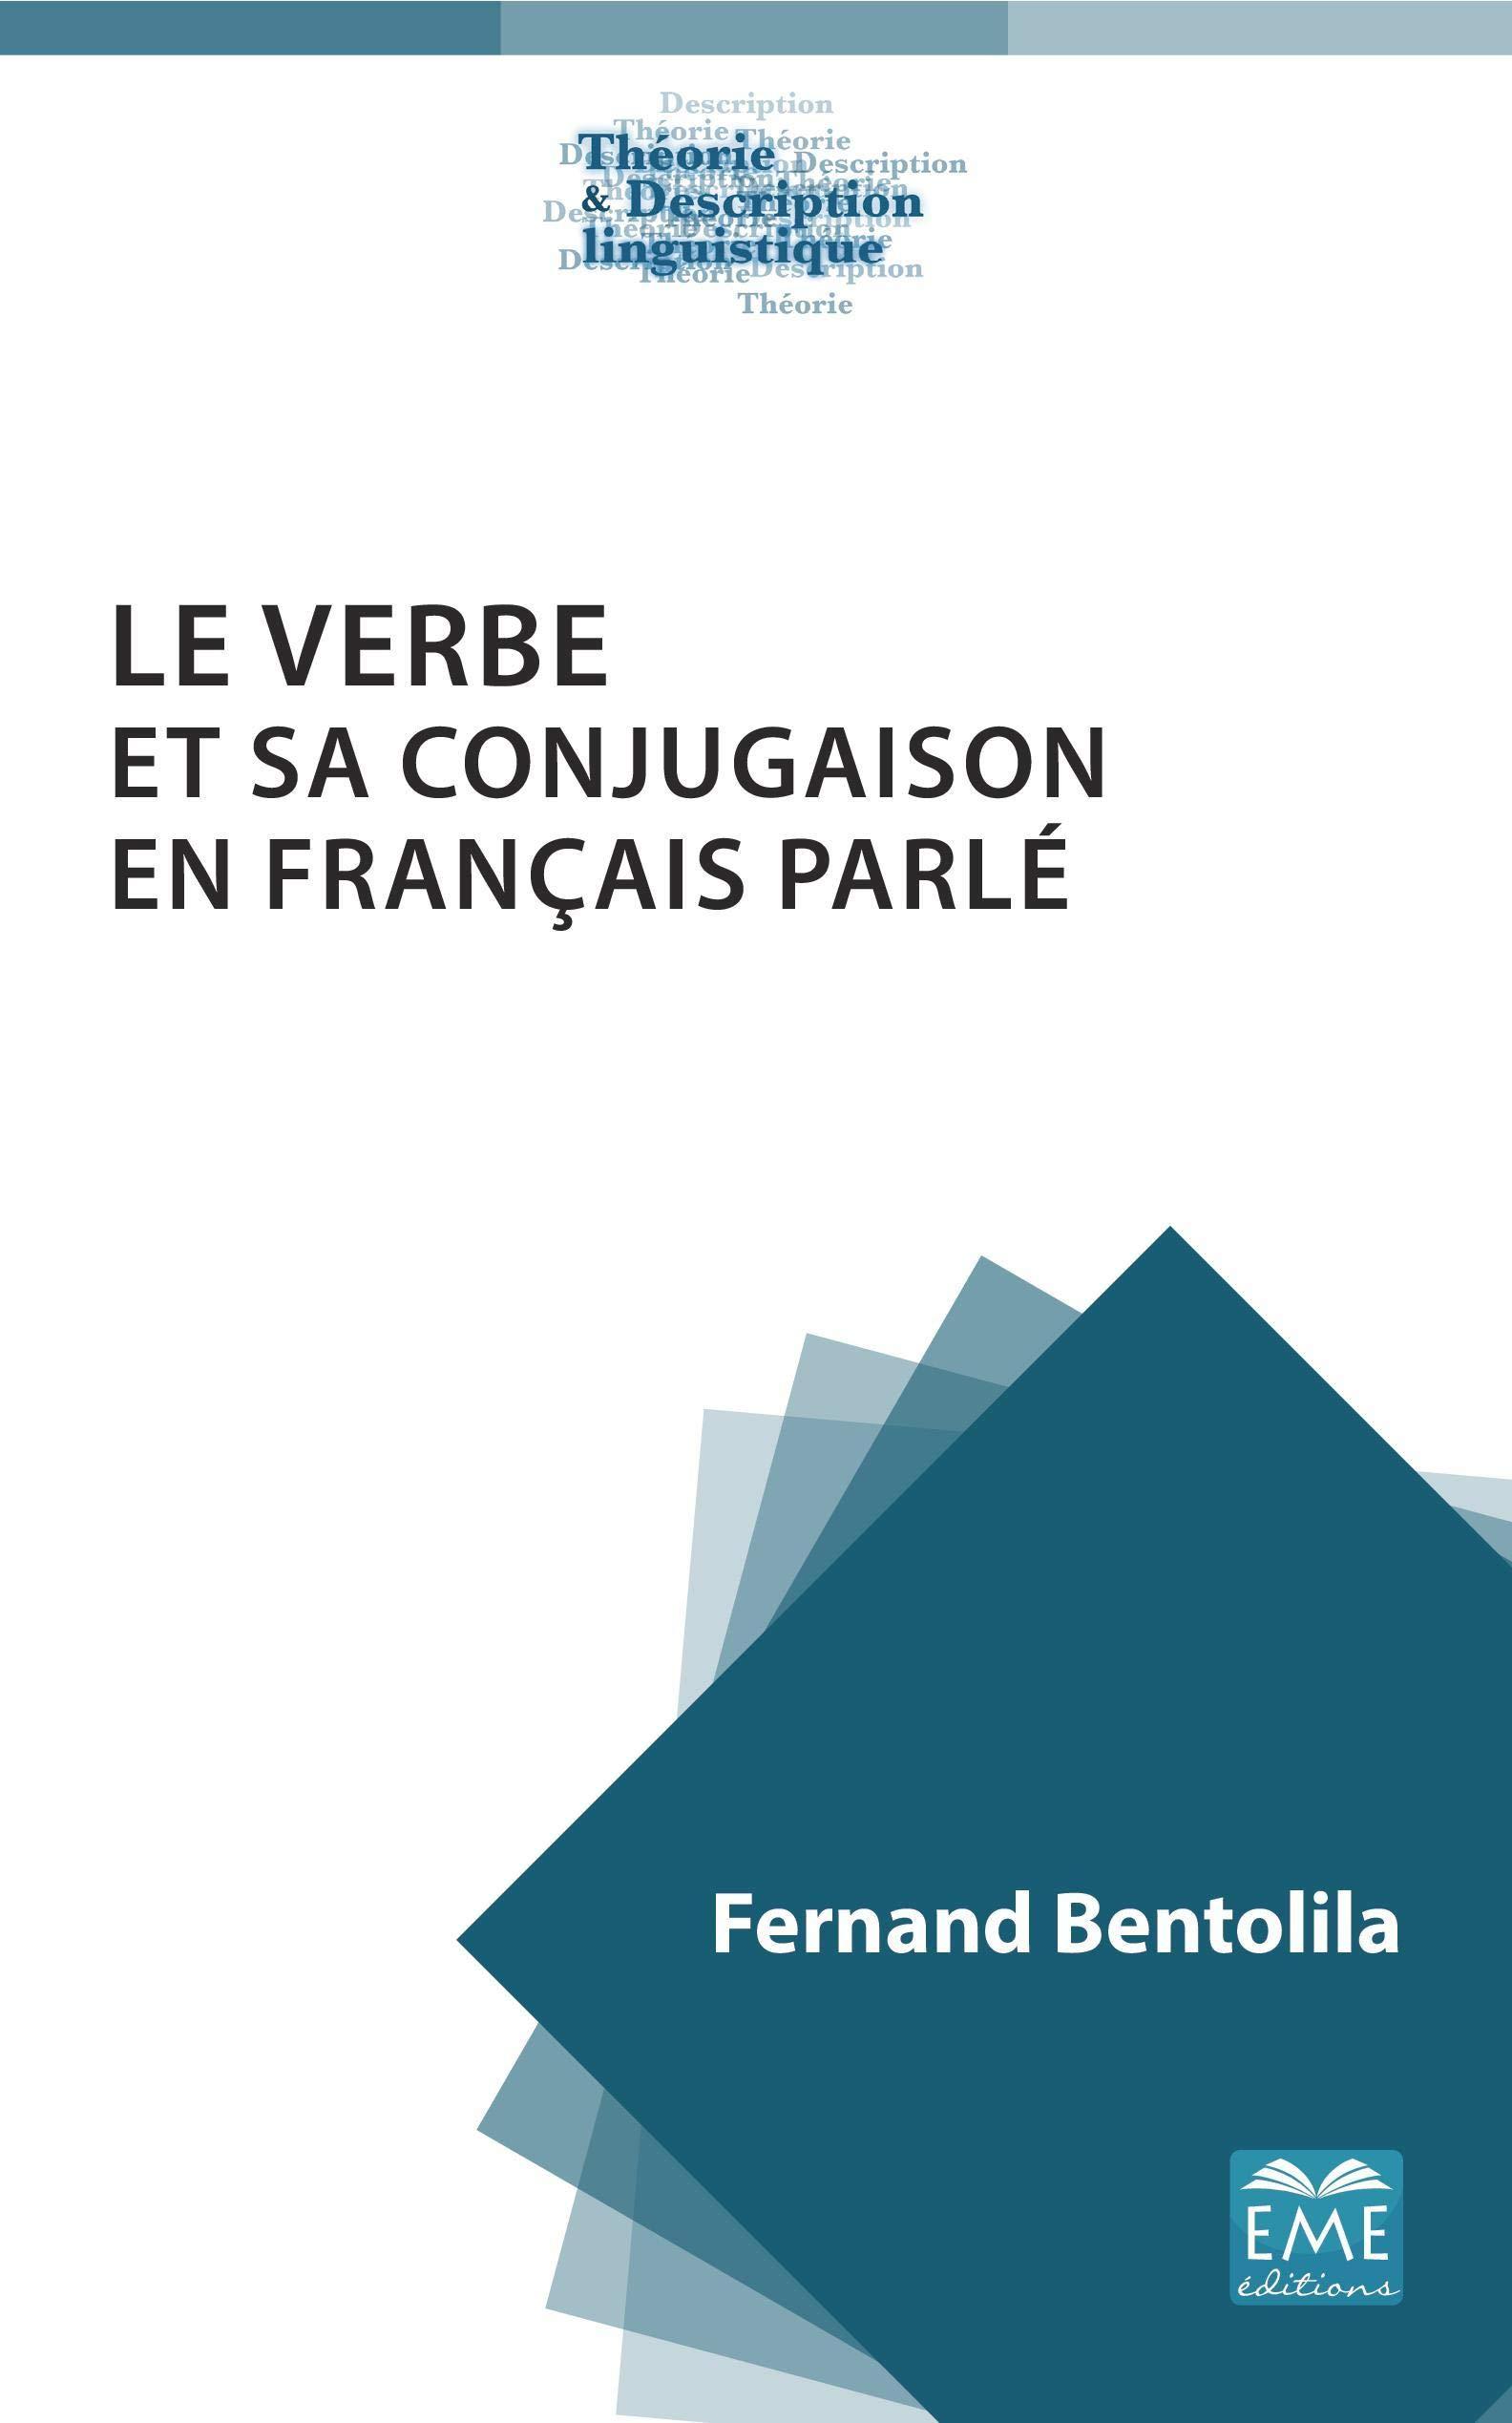 Le Verbe Et Sa Conjugaison En Francais Parle Theorie Et Description Linguistique French Edition Bentolila Fernand 9782806636836 Amazon Com Books